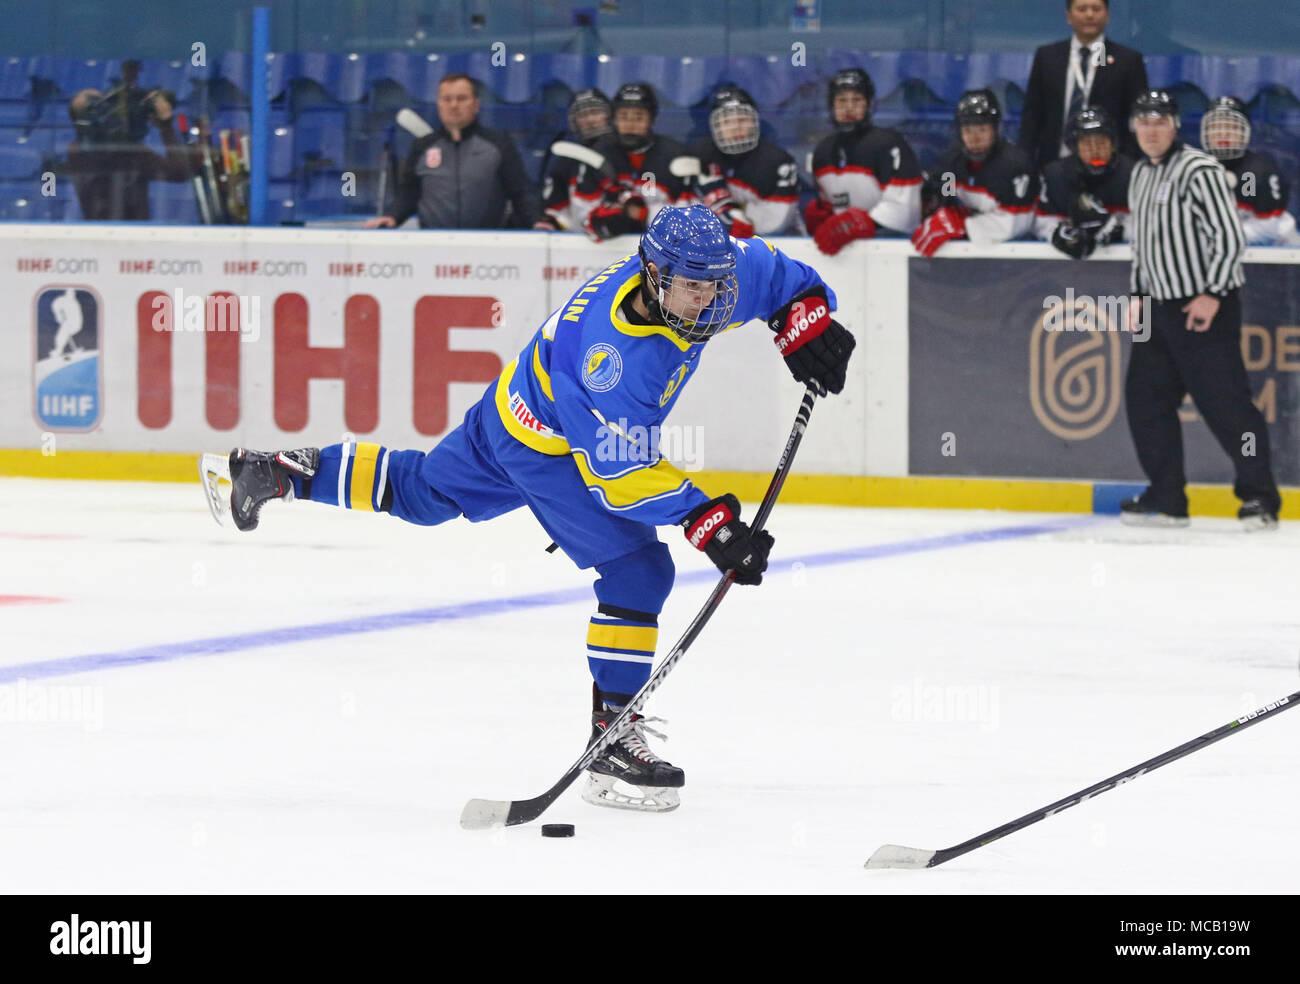 Kiev, Ucrania. 14 de abril de 2018. Dmytro Khalin de Ucrania en acción durante la IIHF 2018 Ice Hockey Campeonato Mundial U18 Div 1 Grupo B juego contra Japón en el Palacio de los deportes en Kiev, Ucrania. Japón ganó 1-0. Crédito: Oleksandr Prykhodko/Alamy Live News Imagen De Stock